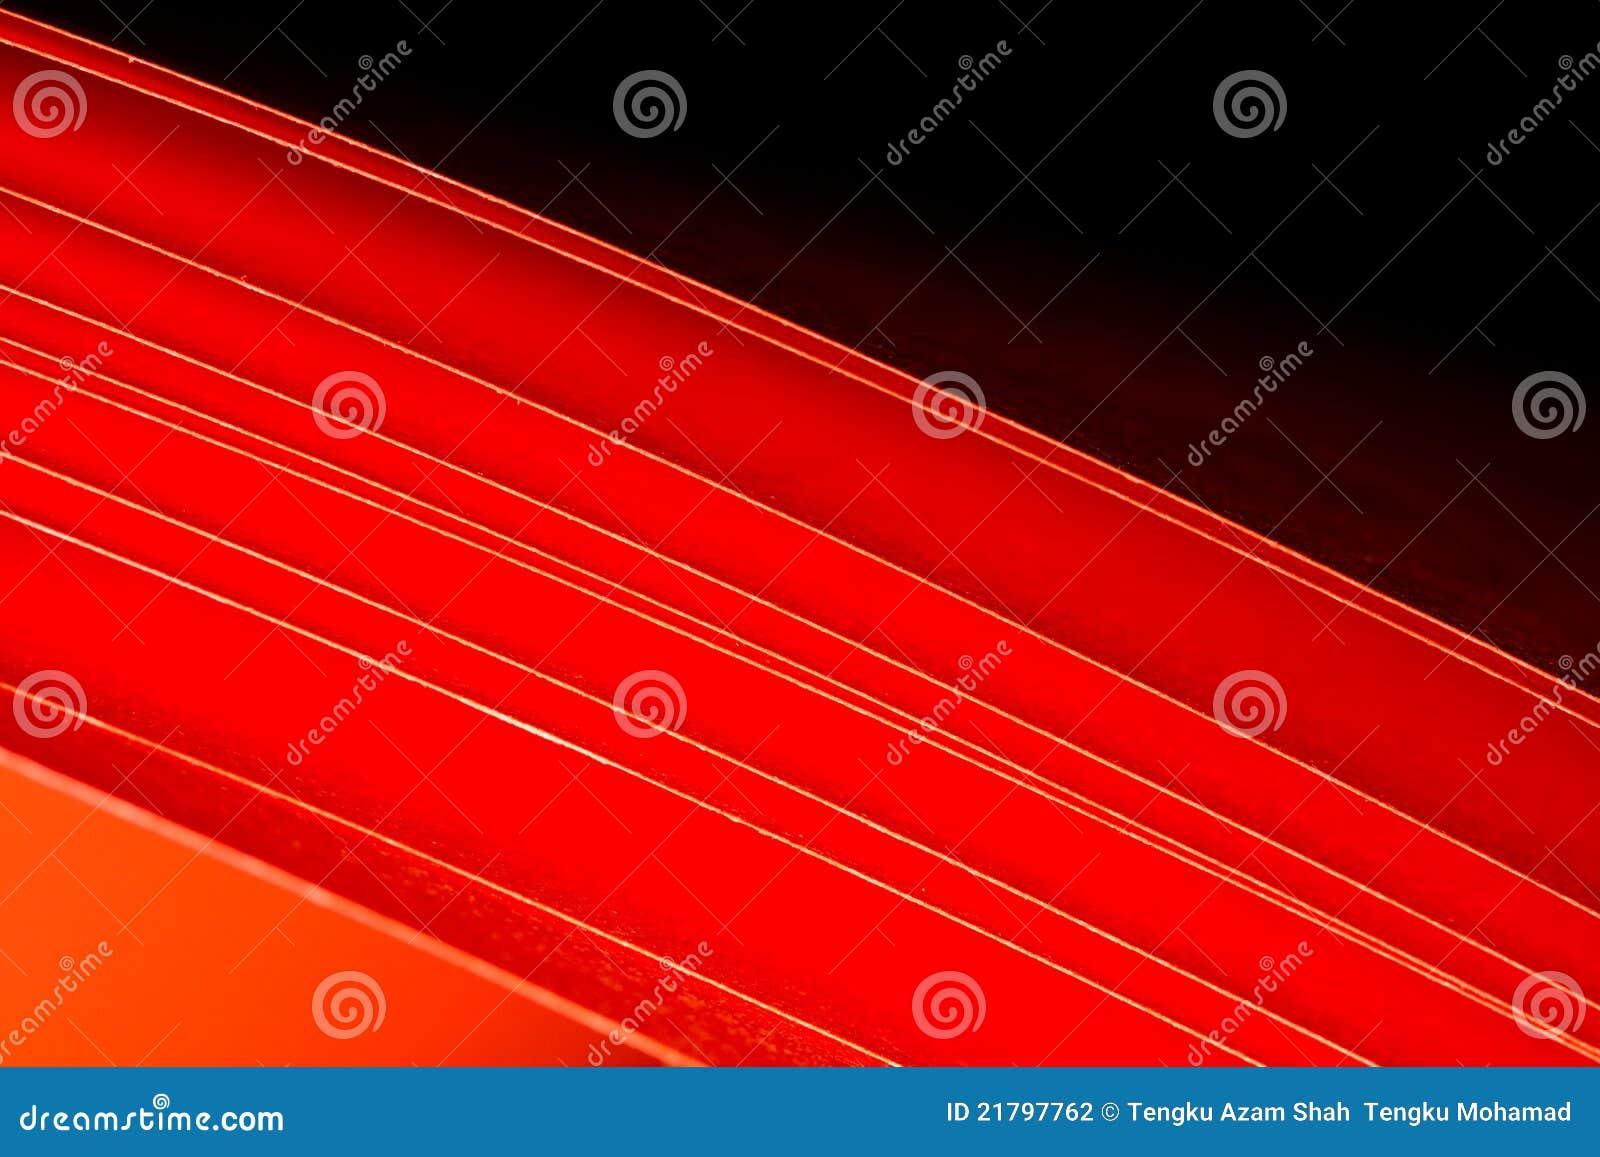 Fond A4 Abstrait De Papier Rouge Photo Stock Image Du Document